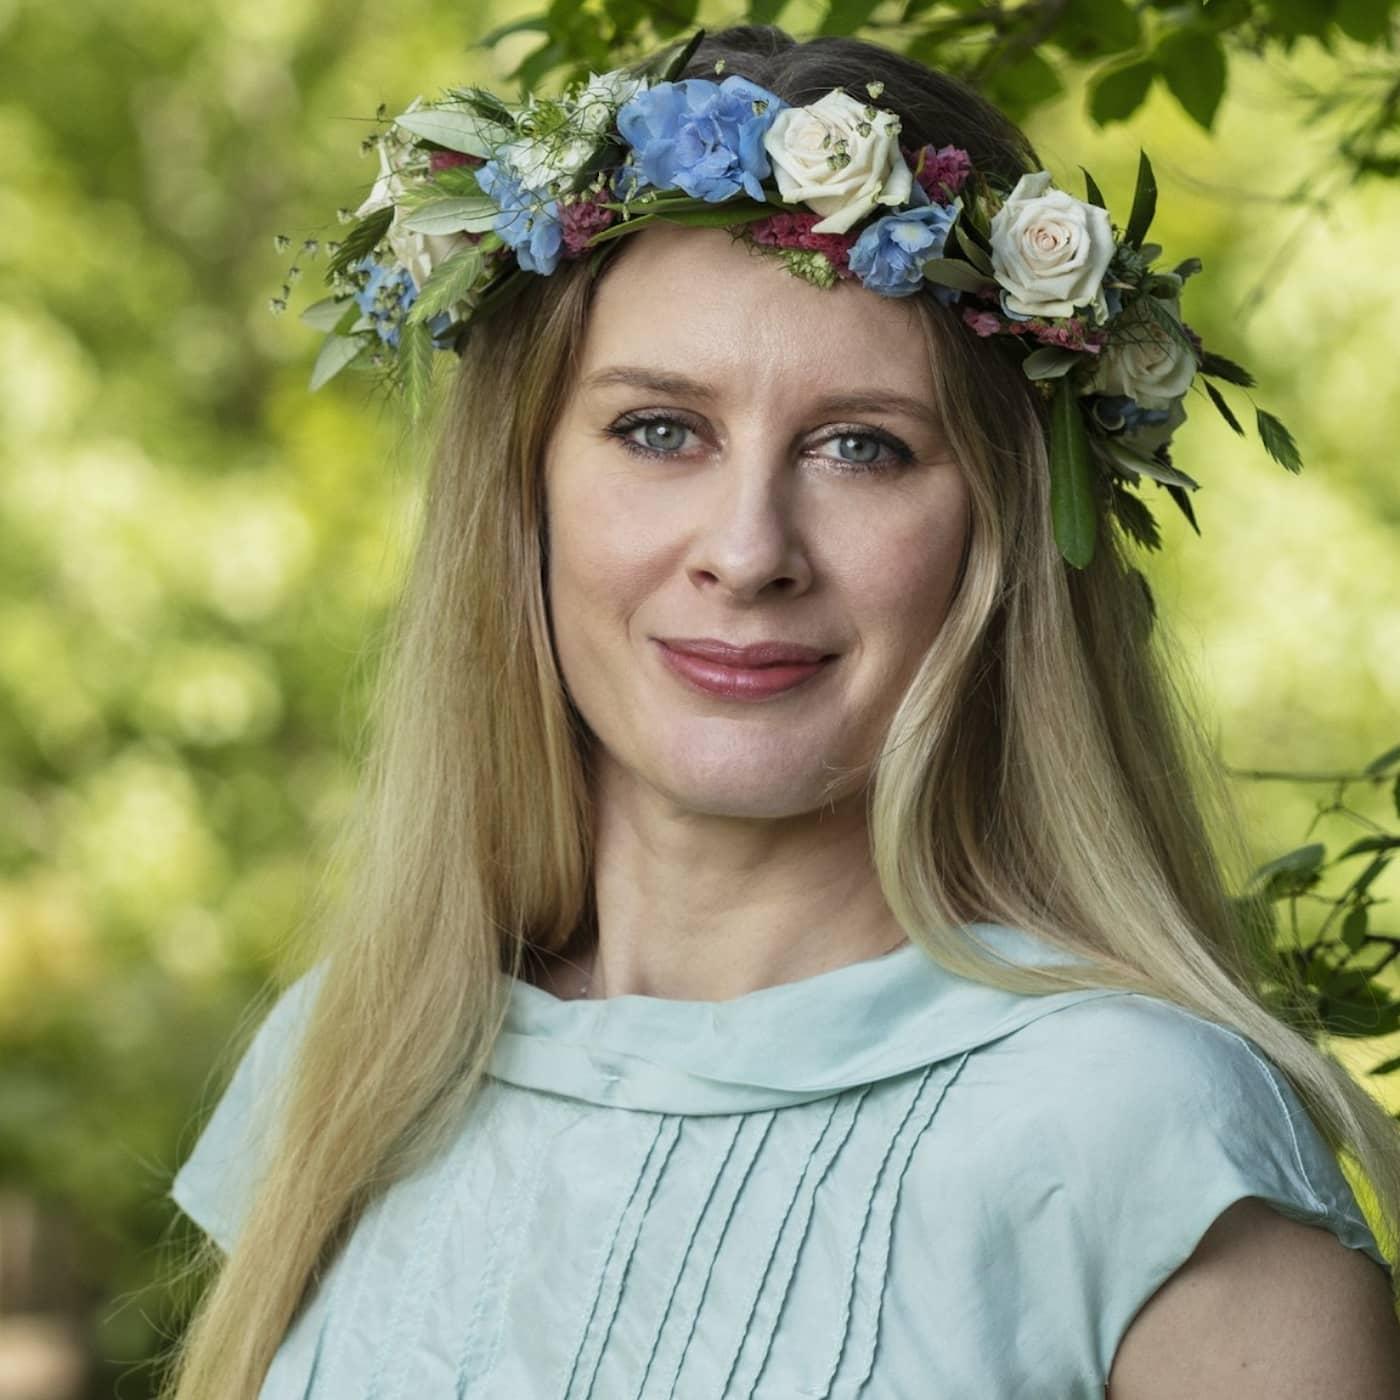 Malin Byström